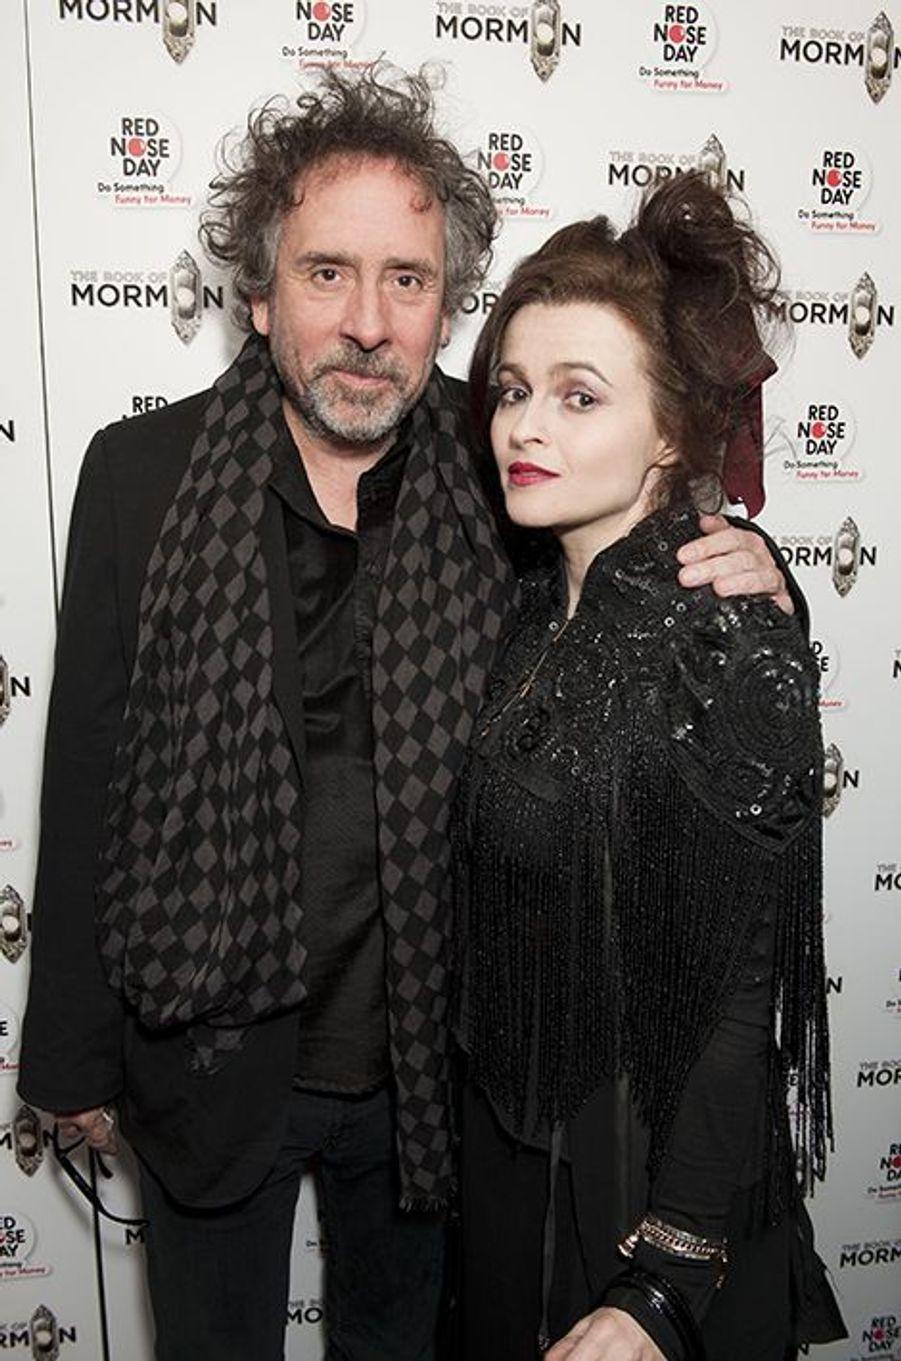 À Londres, lors d'un gala organisé le 13 mars 2013. Leur dernier tapis rouge ensemble.